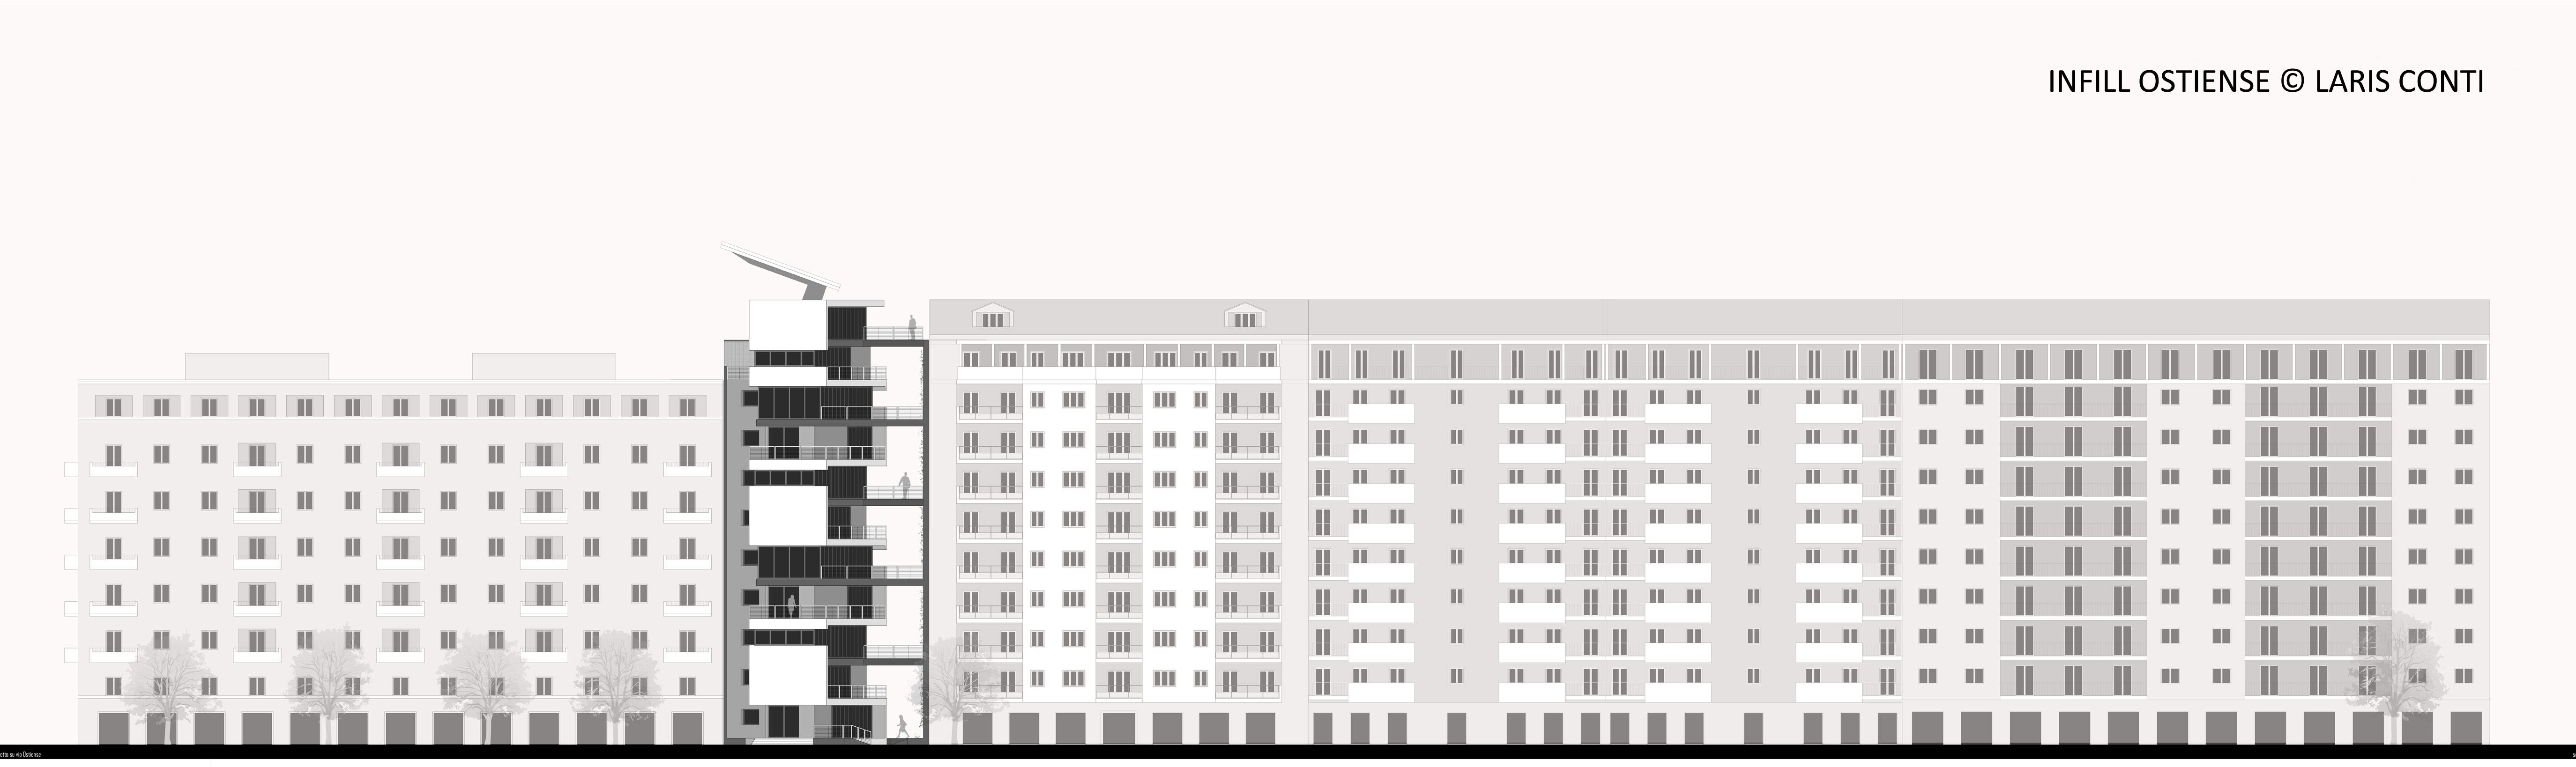 Velocità datazione Cheltenham siti di incontri mobili totalmente gratuiti